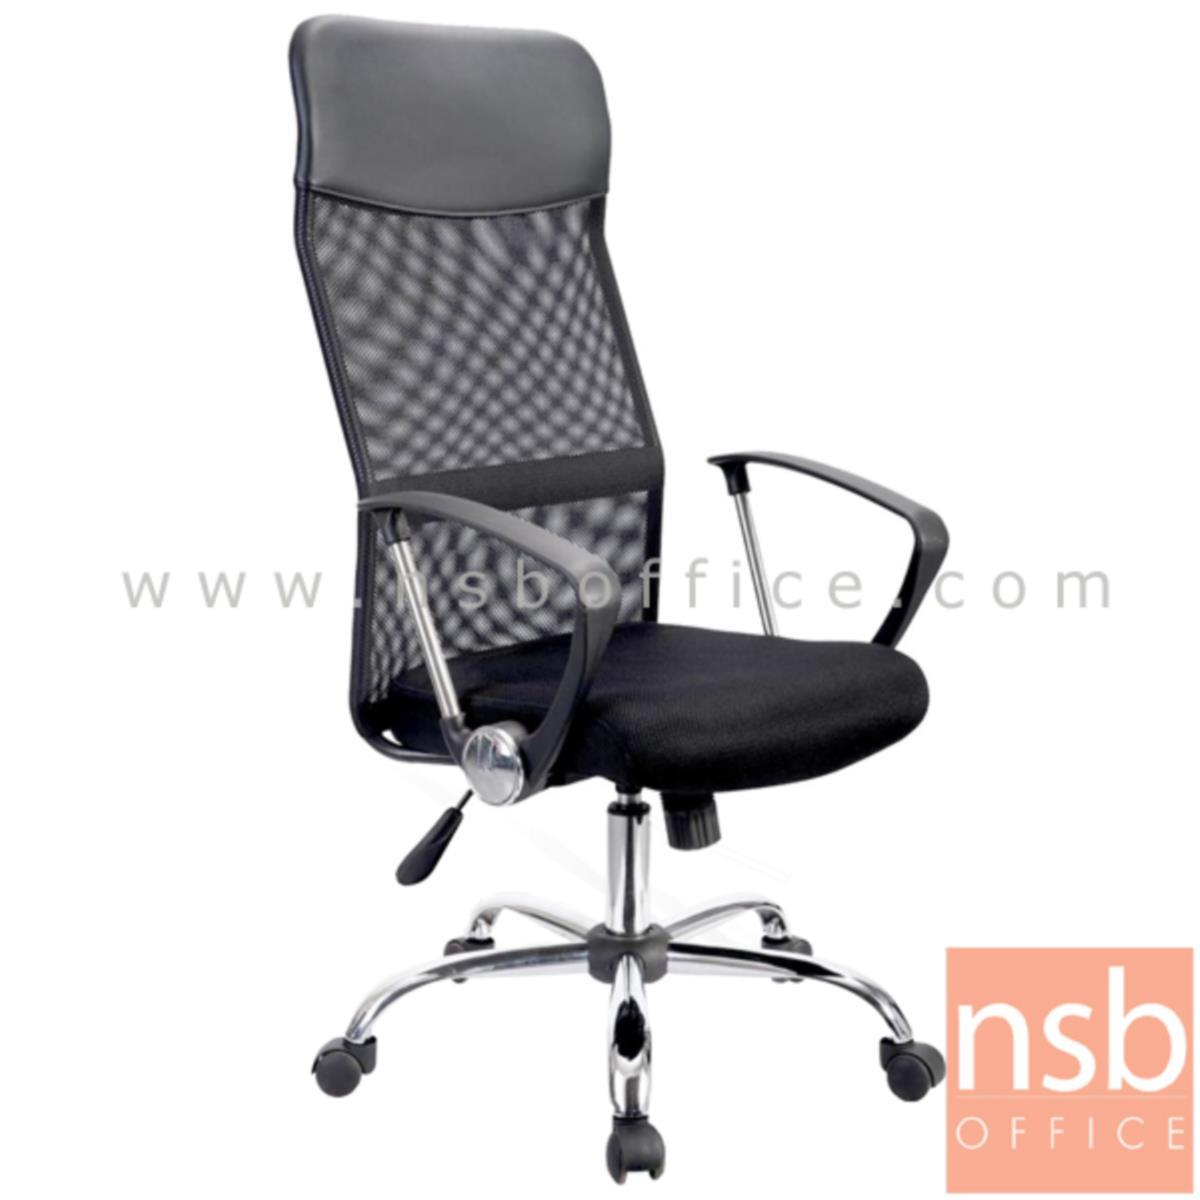 B24A087:เก้าอี้ผู้บริหารหลังเน็ต รุ่น Honey Cone (ฮันนีโคน)  โช๊คแก๊ส มีก้อนโยก ขาเหล็กชุบโครเมี่ยม